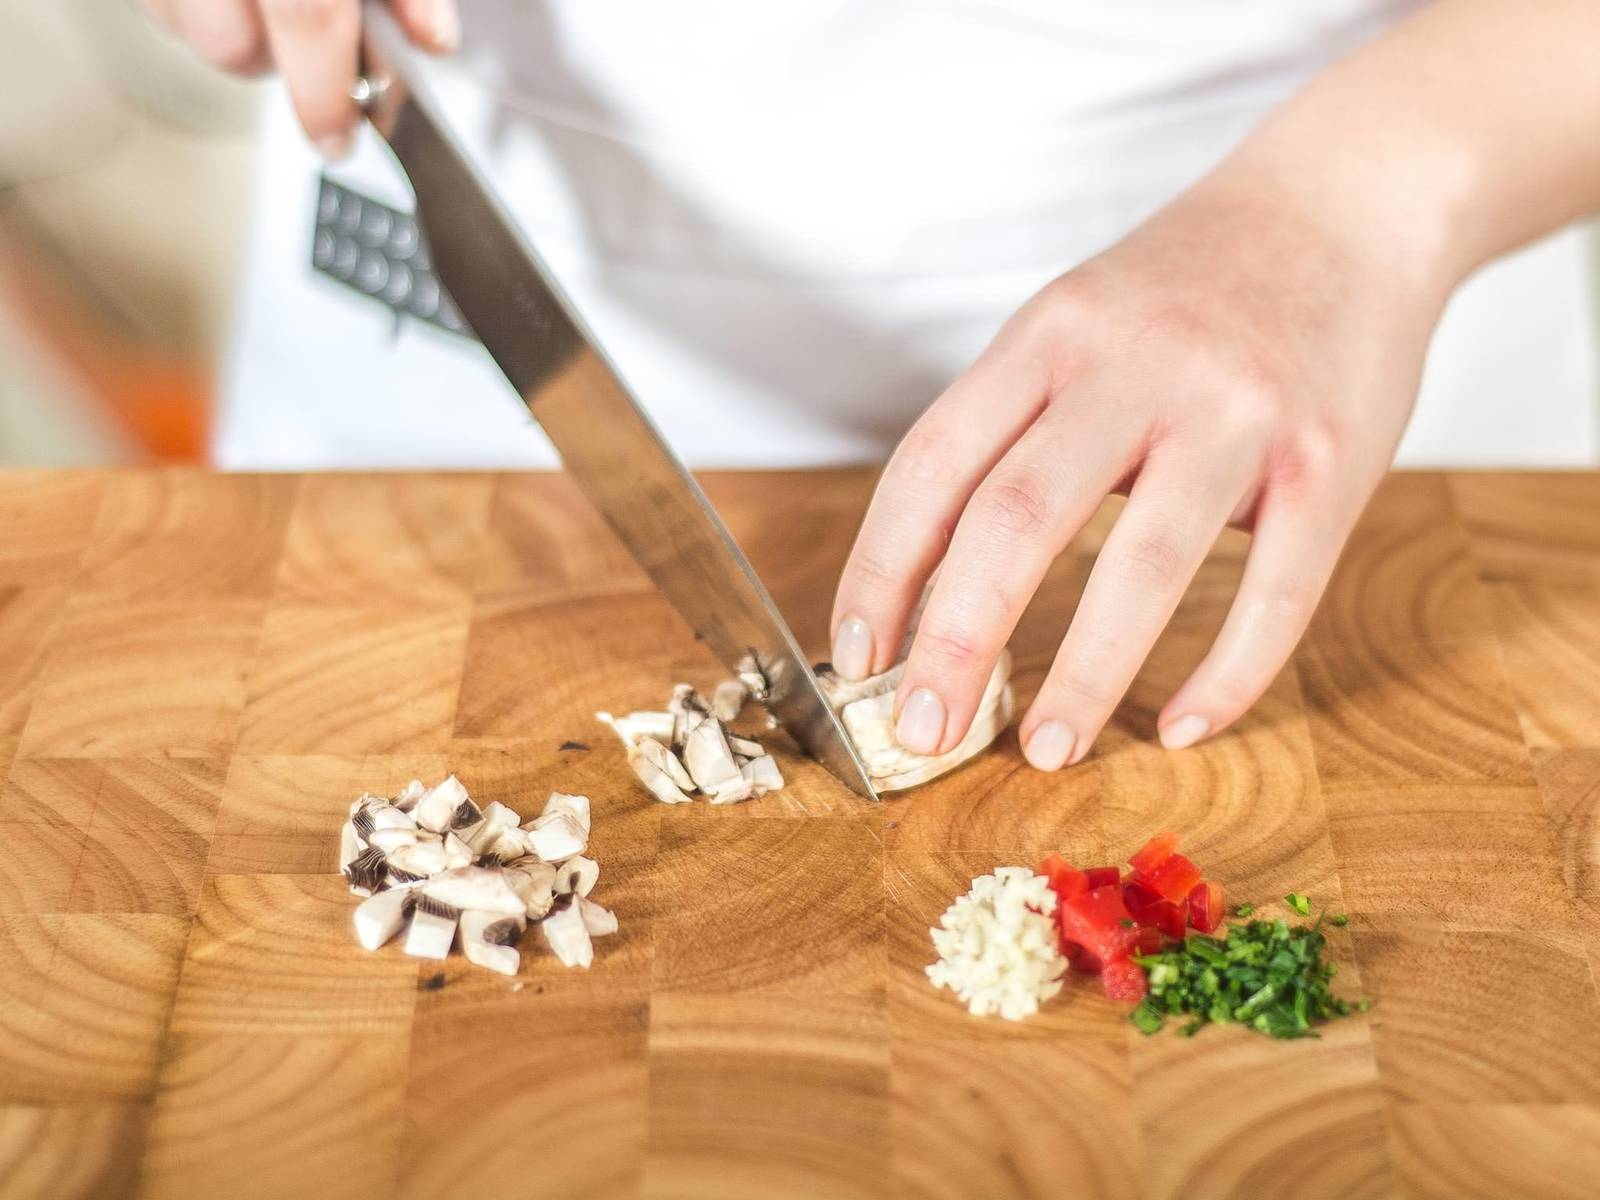 Backofen auf 180°C vorheizen. Petersilie und eine Knoblauchzehe fein hacken. Paprika und Champignons fein würfeln.